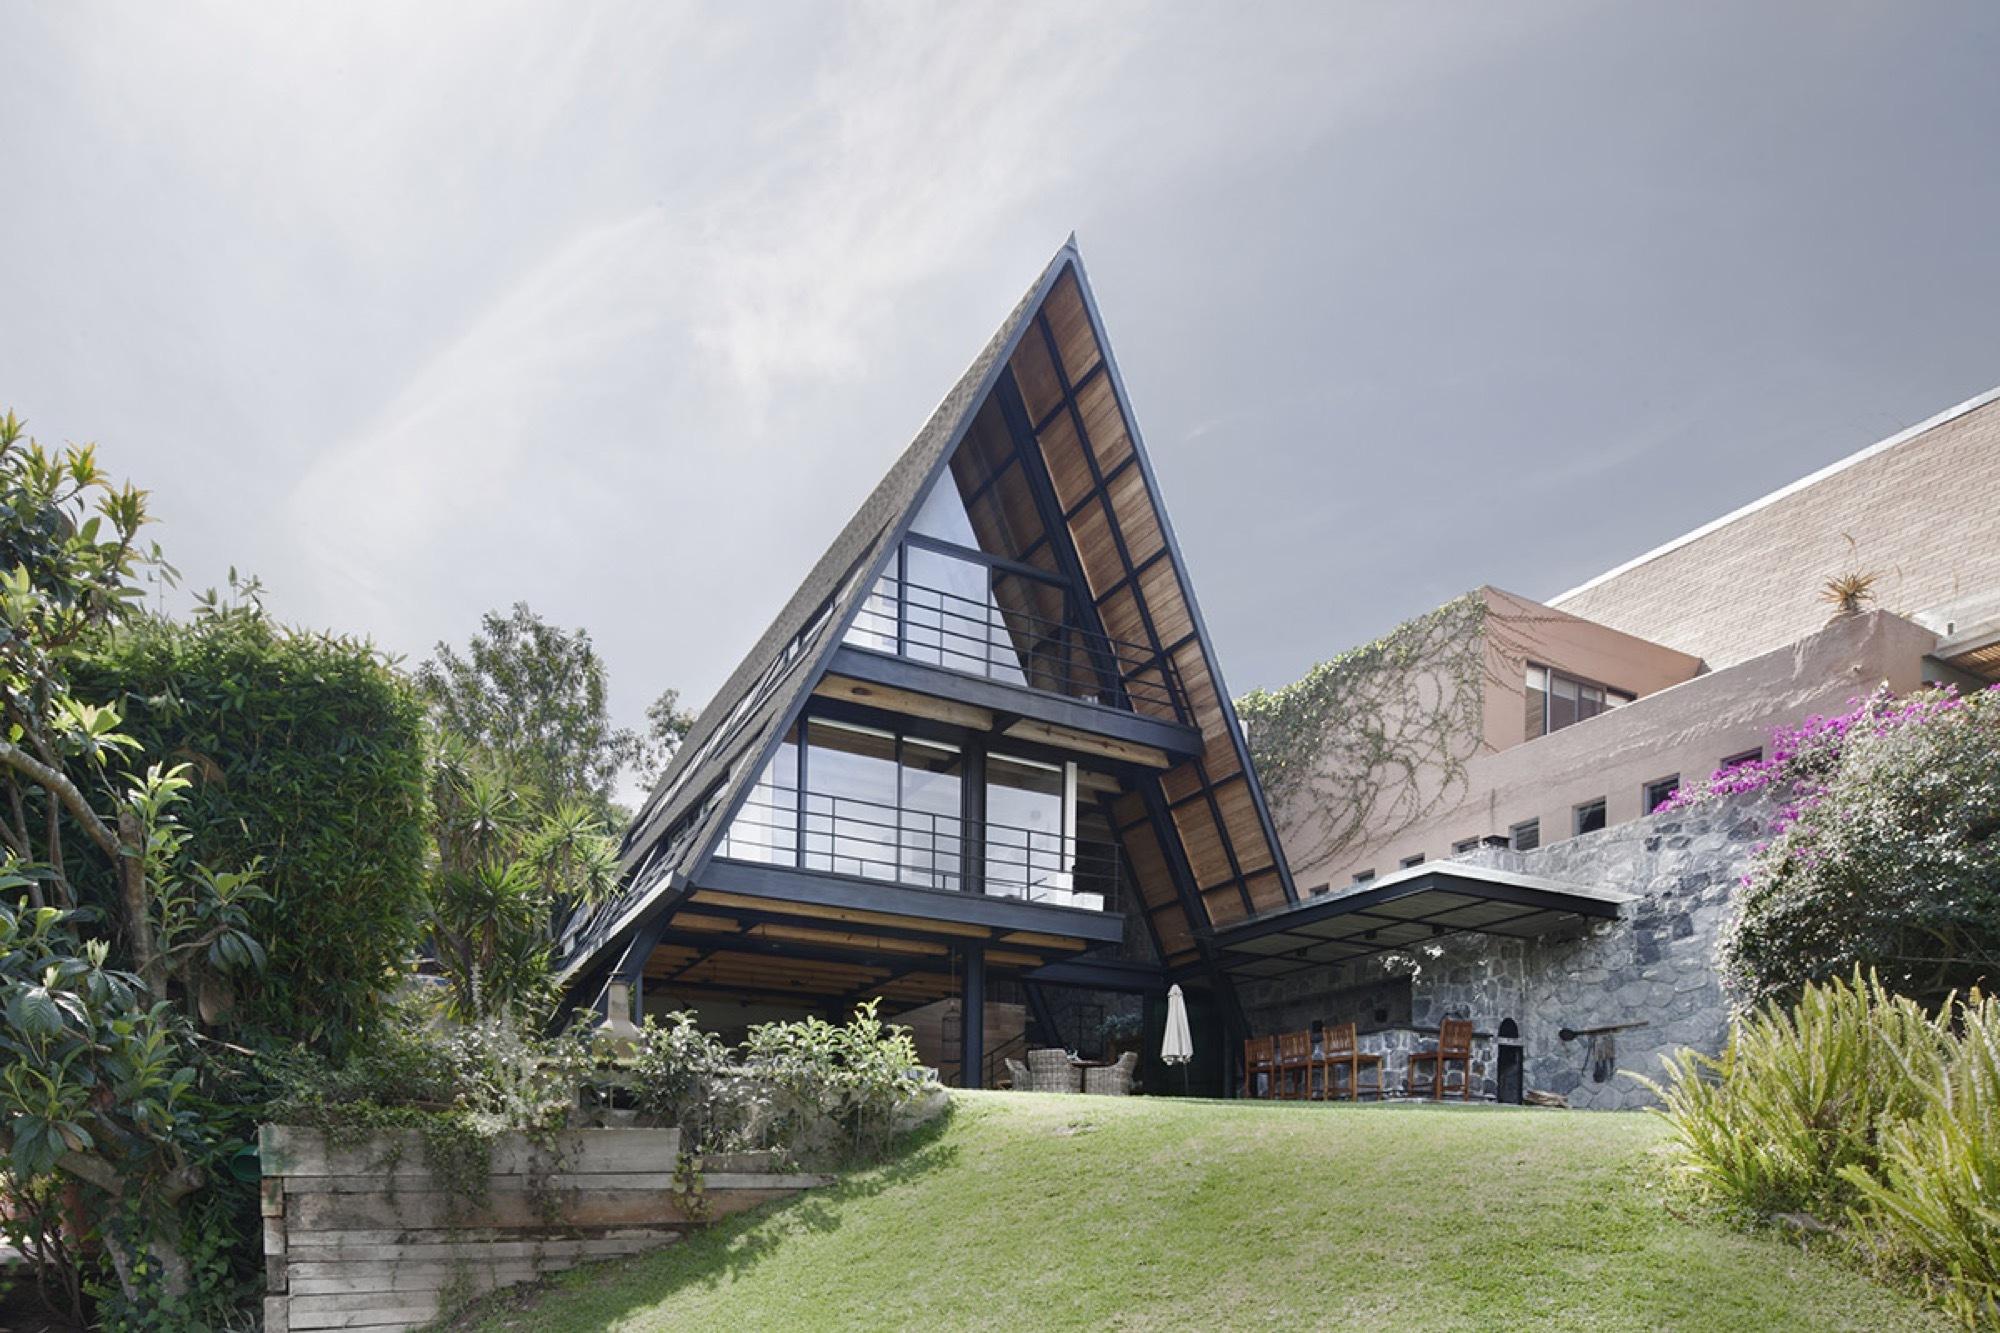 Casa A  Mtodo  ArchDaily